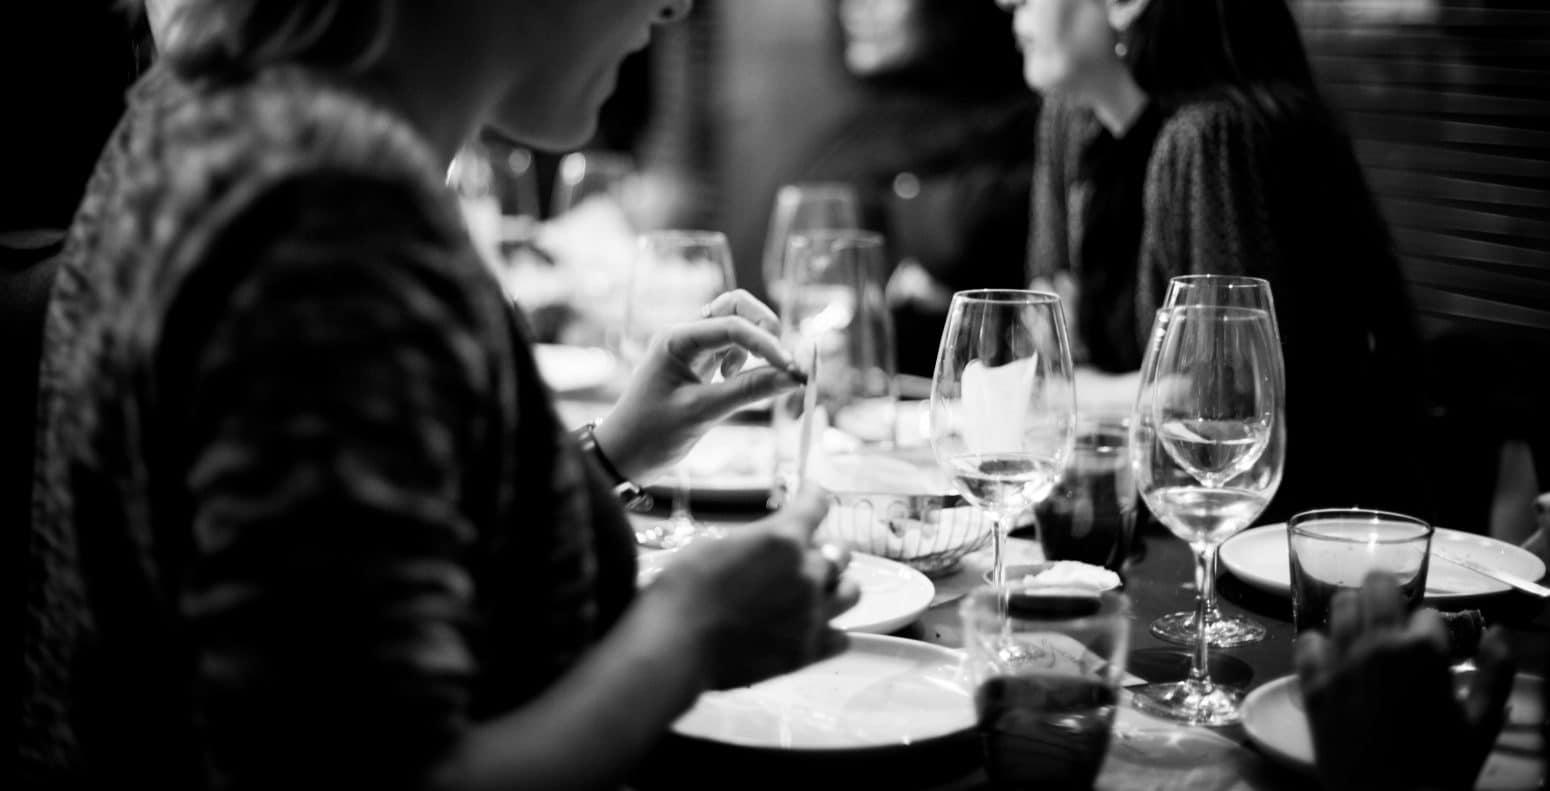 שיעורים במסעדנות סטיבן לובל בדנון, בית הספר למקצועות הקוליריה